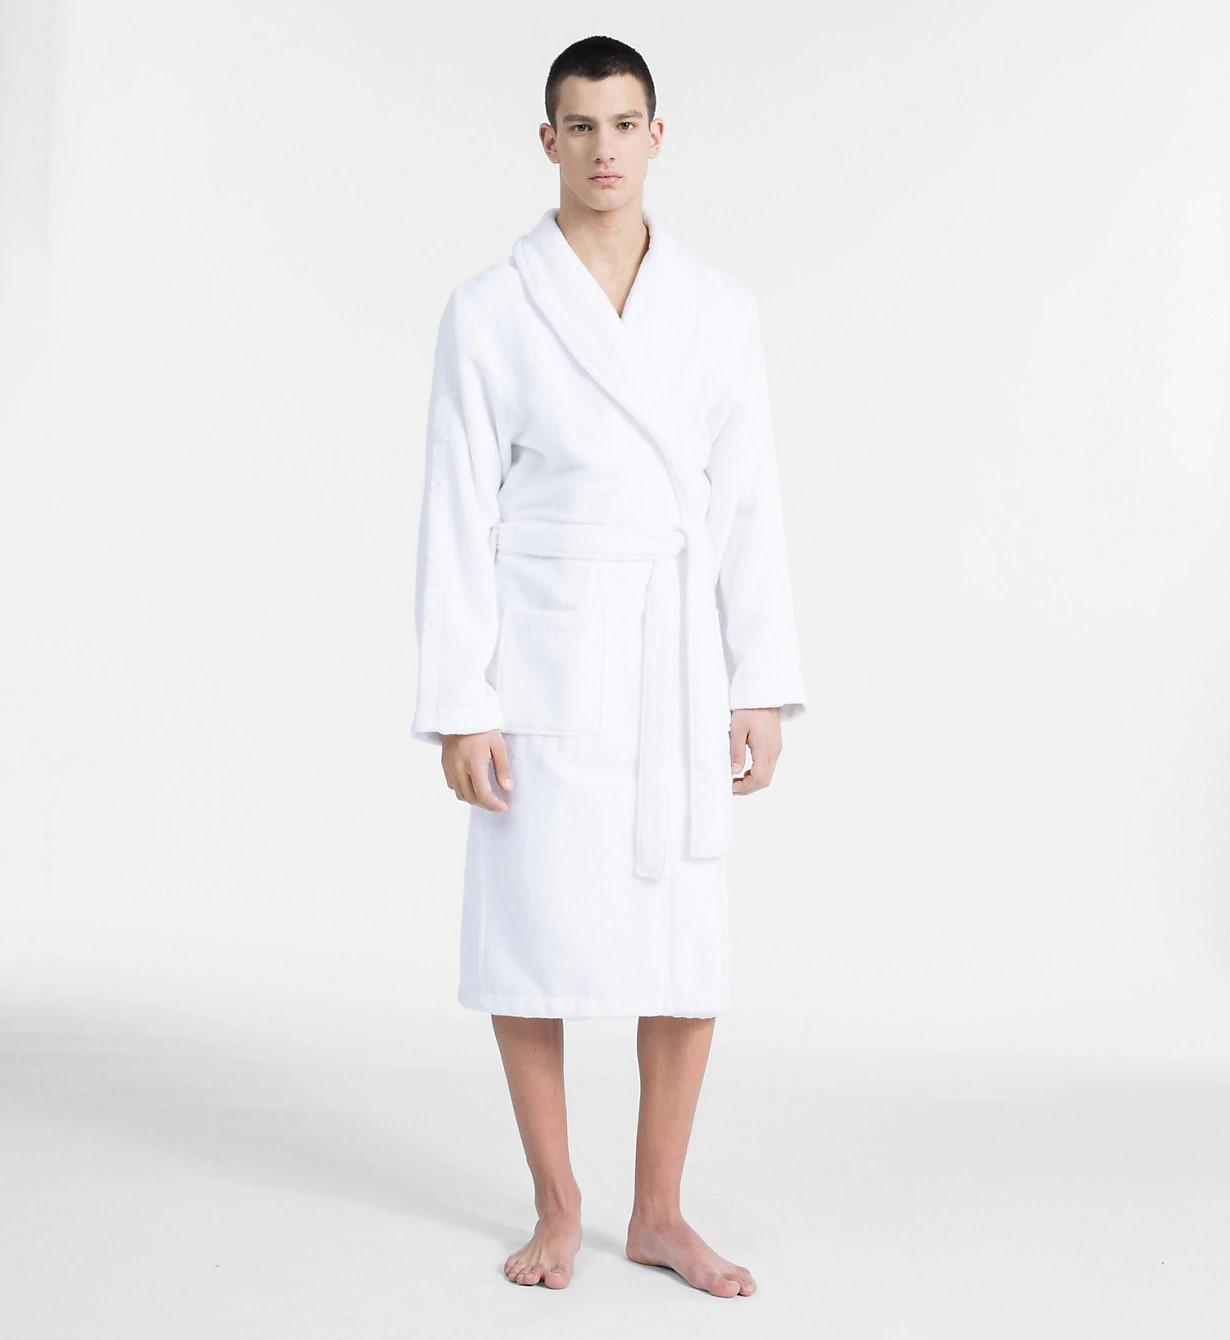 a7b8f7aa1d3a Pánský župan EM1159E-100 bílá - Calvin Klein bílá L XL